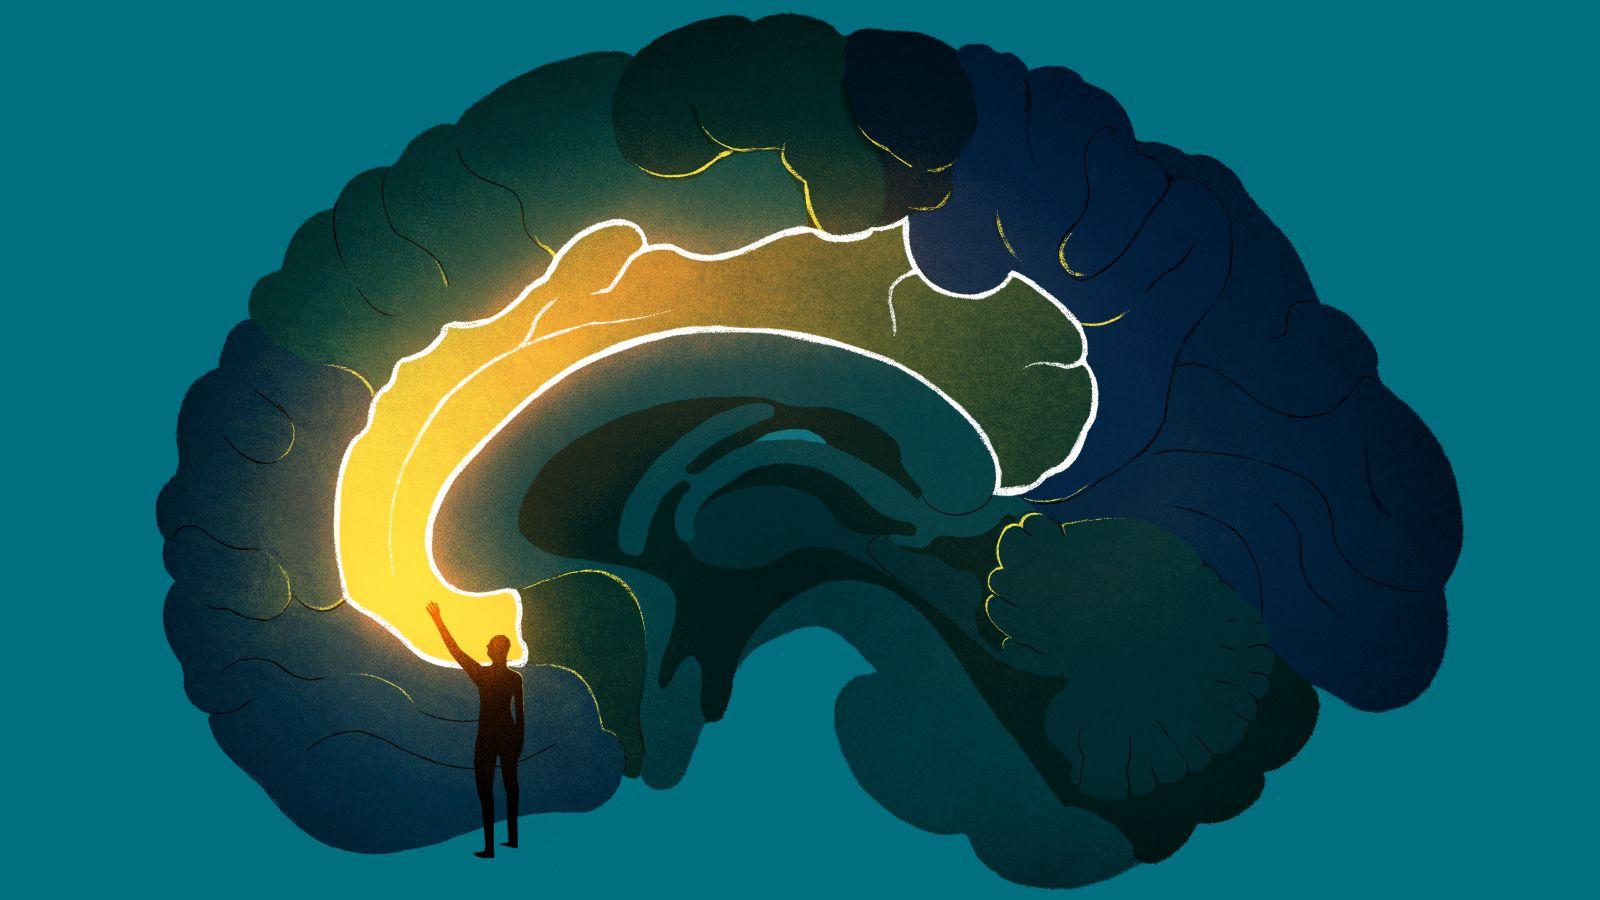 Cách thức não bộ lưu trữ thông tin có thể biến đổi do thói quen sử dụng internet. Ảnh: Global Health News Wire.